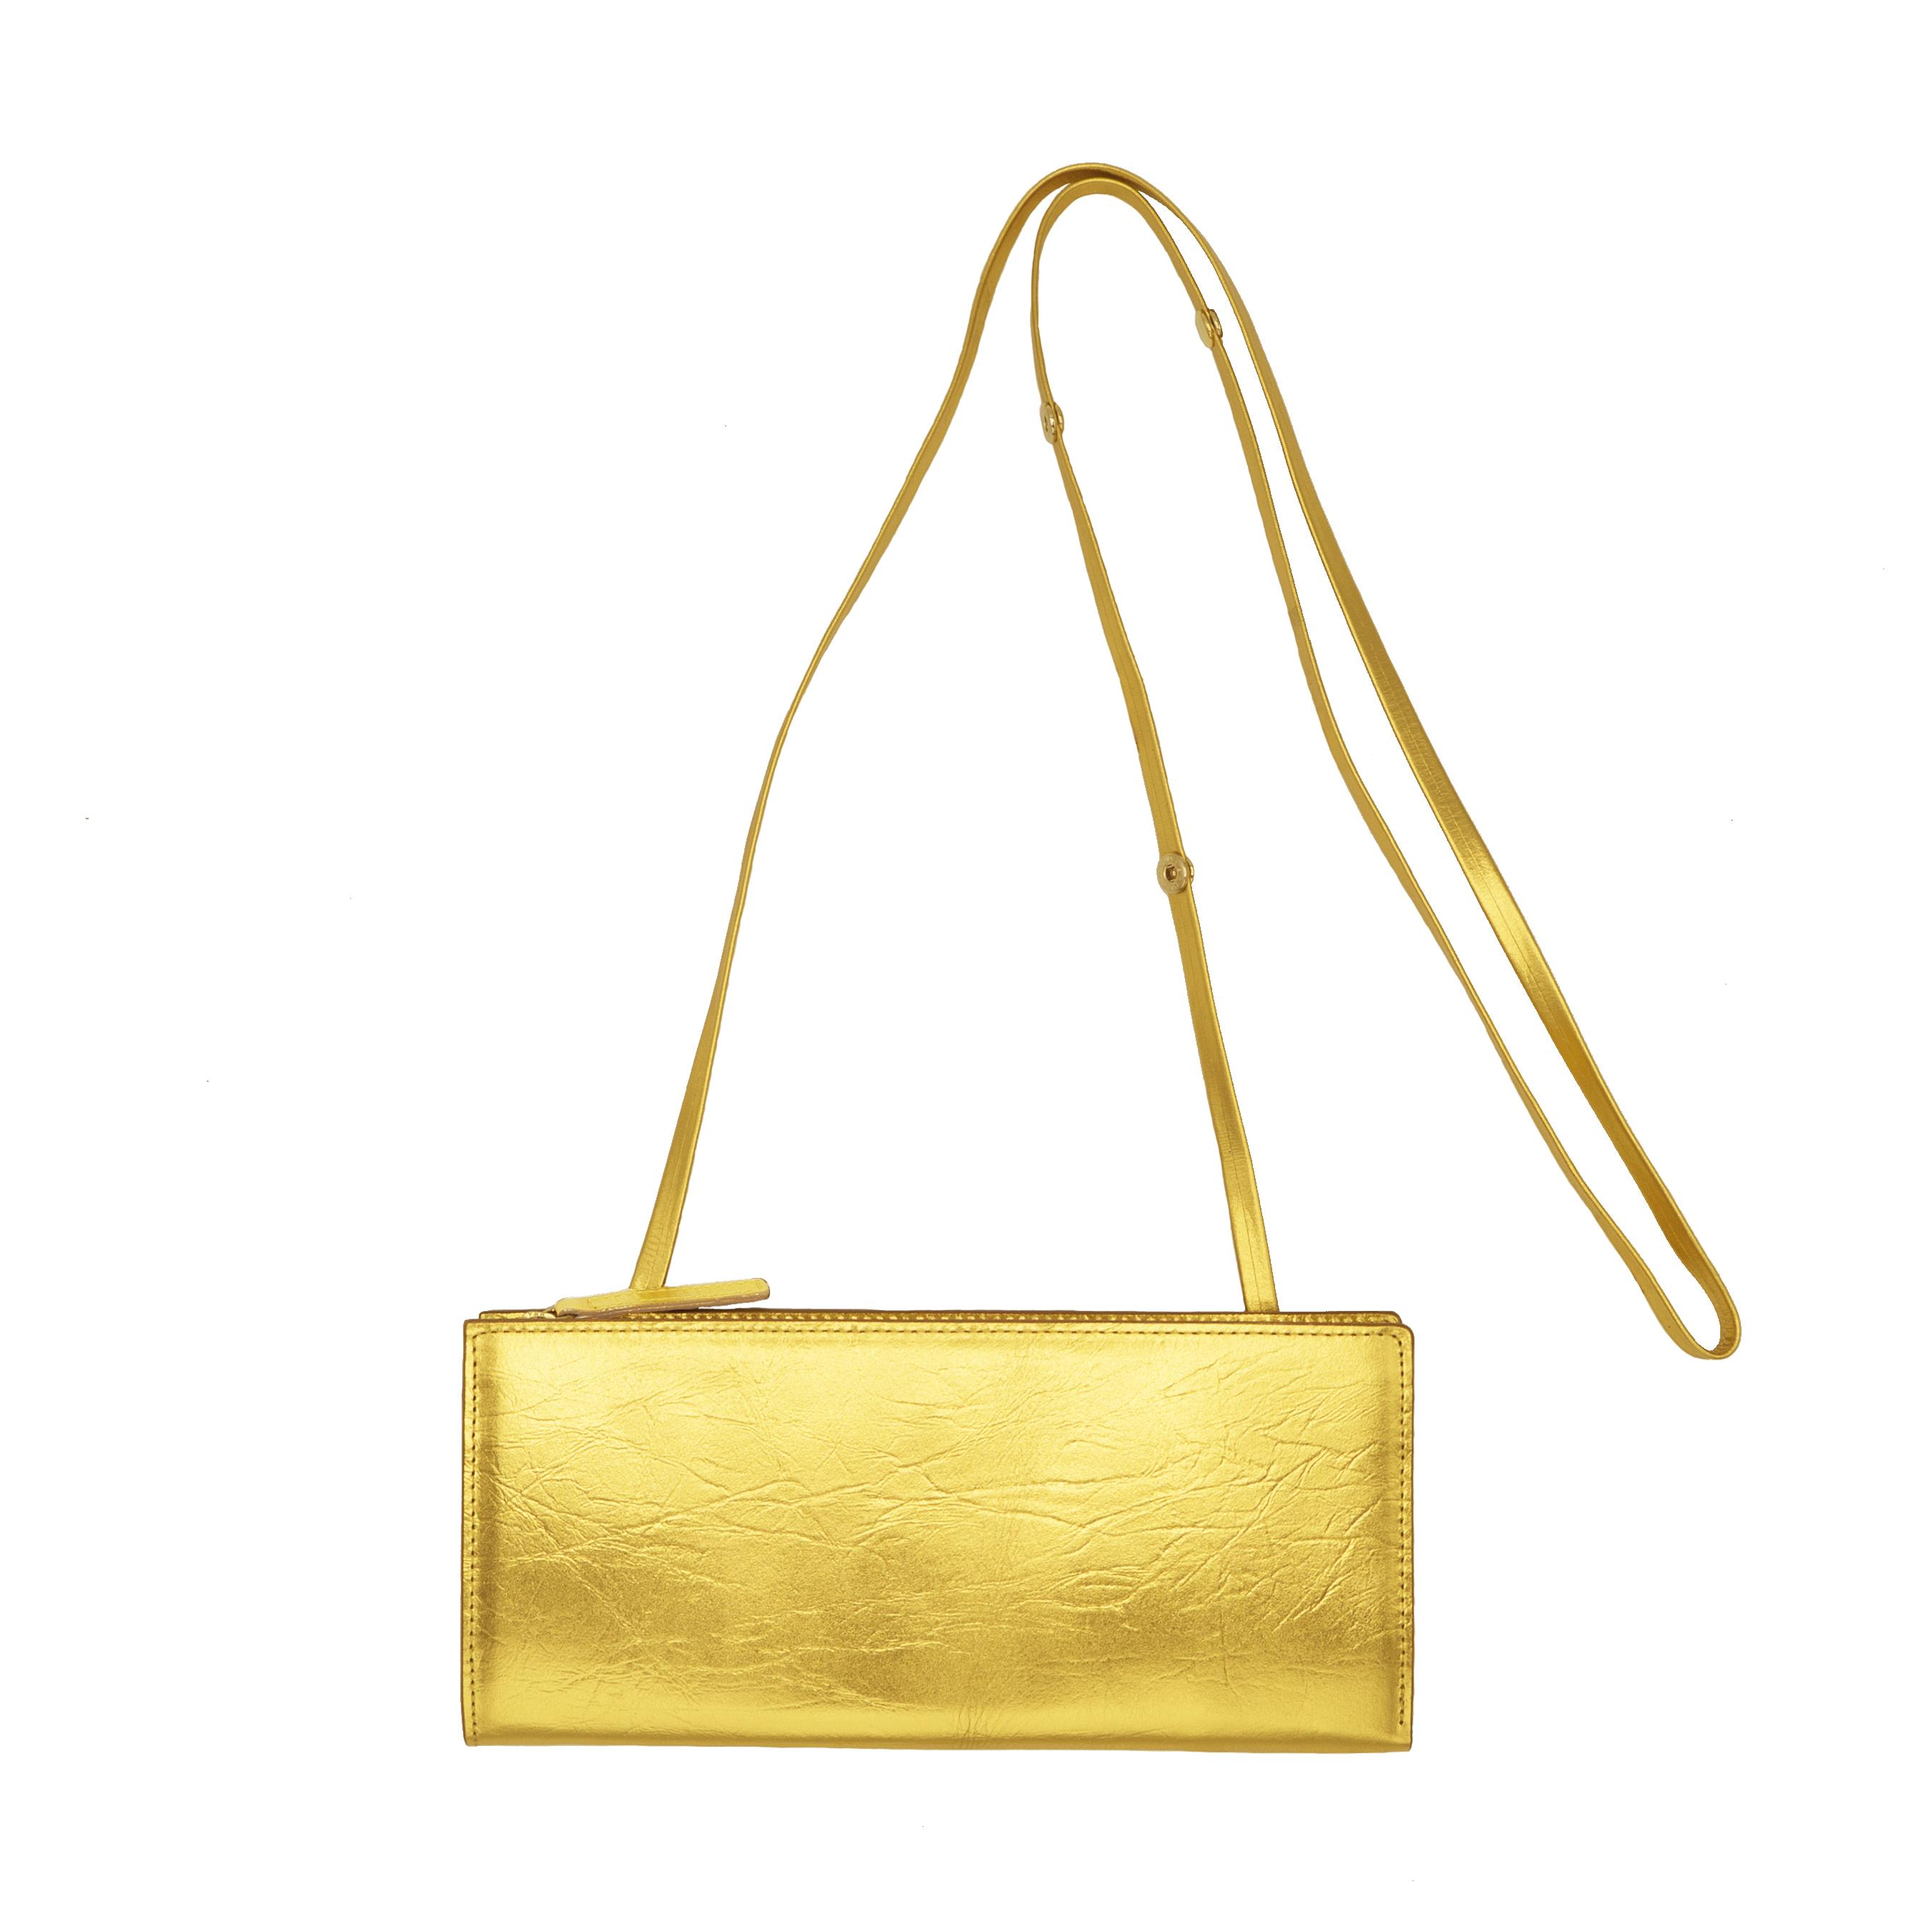 《財布ポーチS》TIN BREATH Travel purse Gold